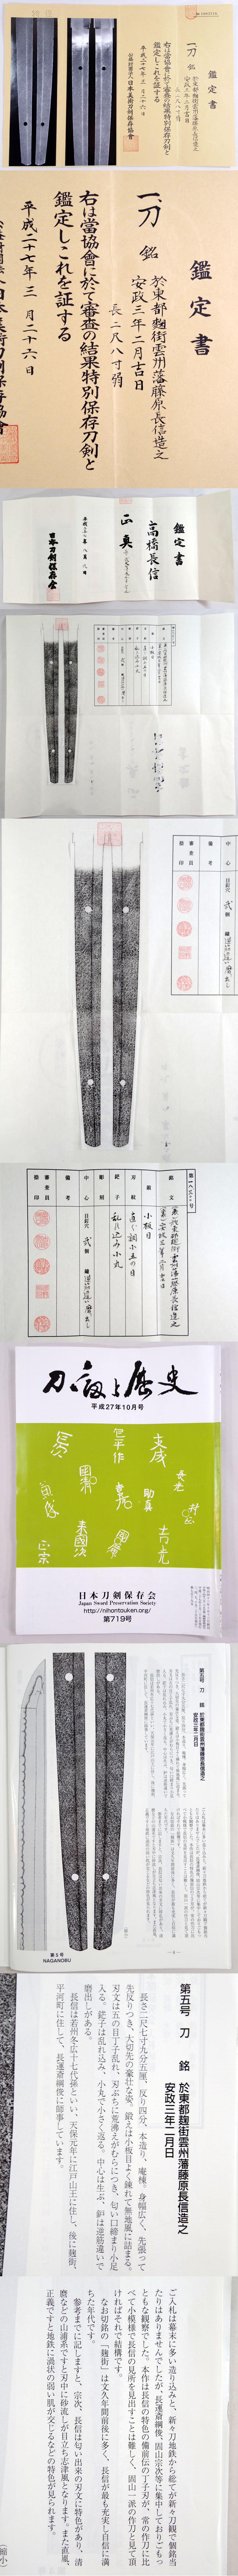 於東都麹街雲州藩藤原長信造之(高橋長信) Picture of Certificate